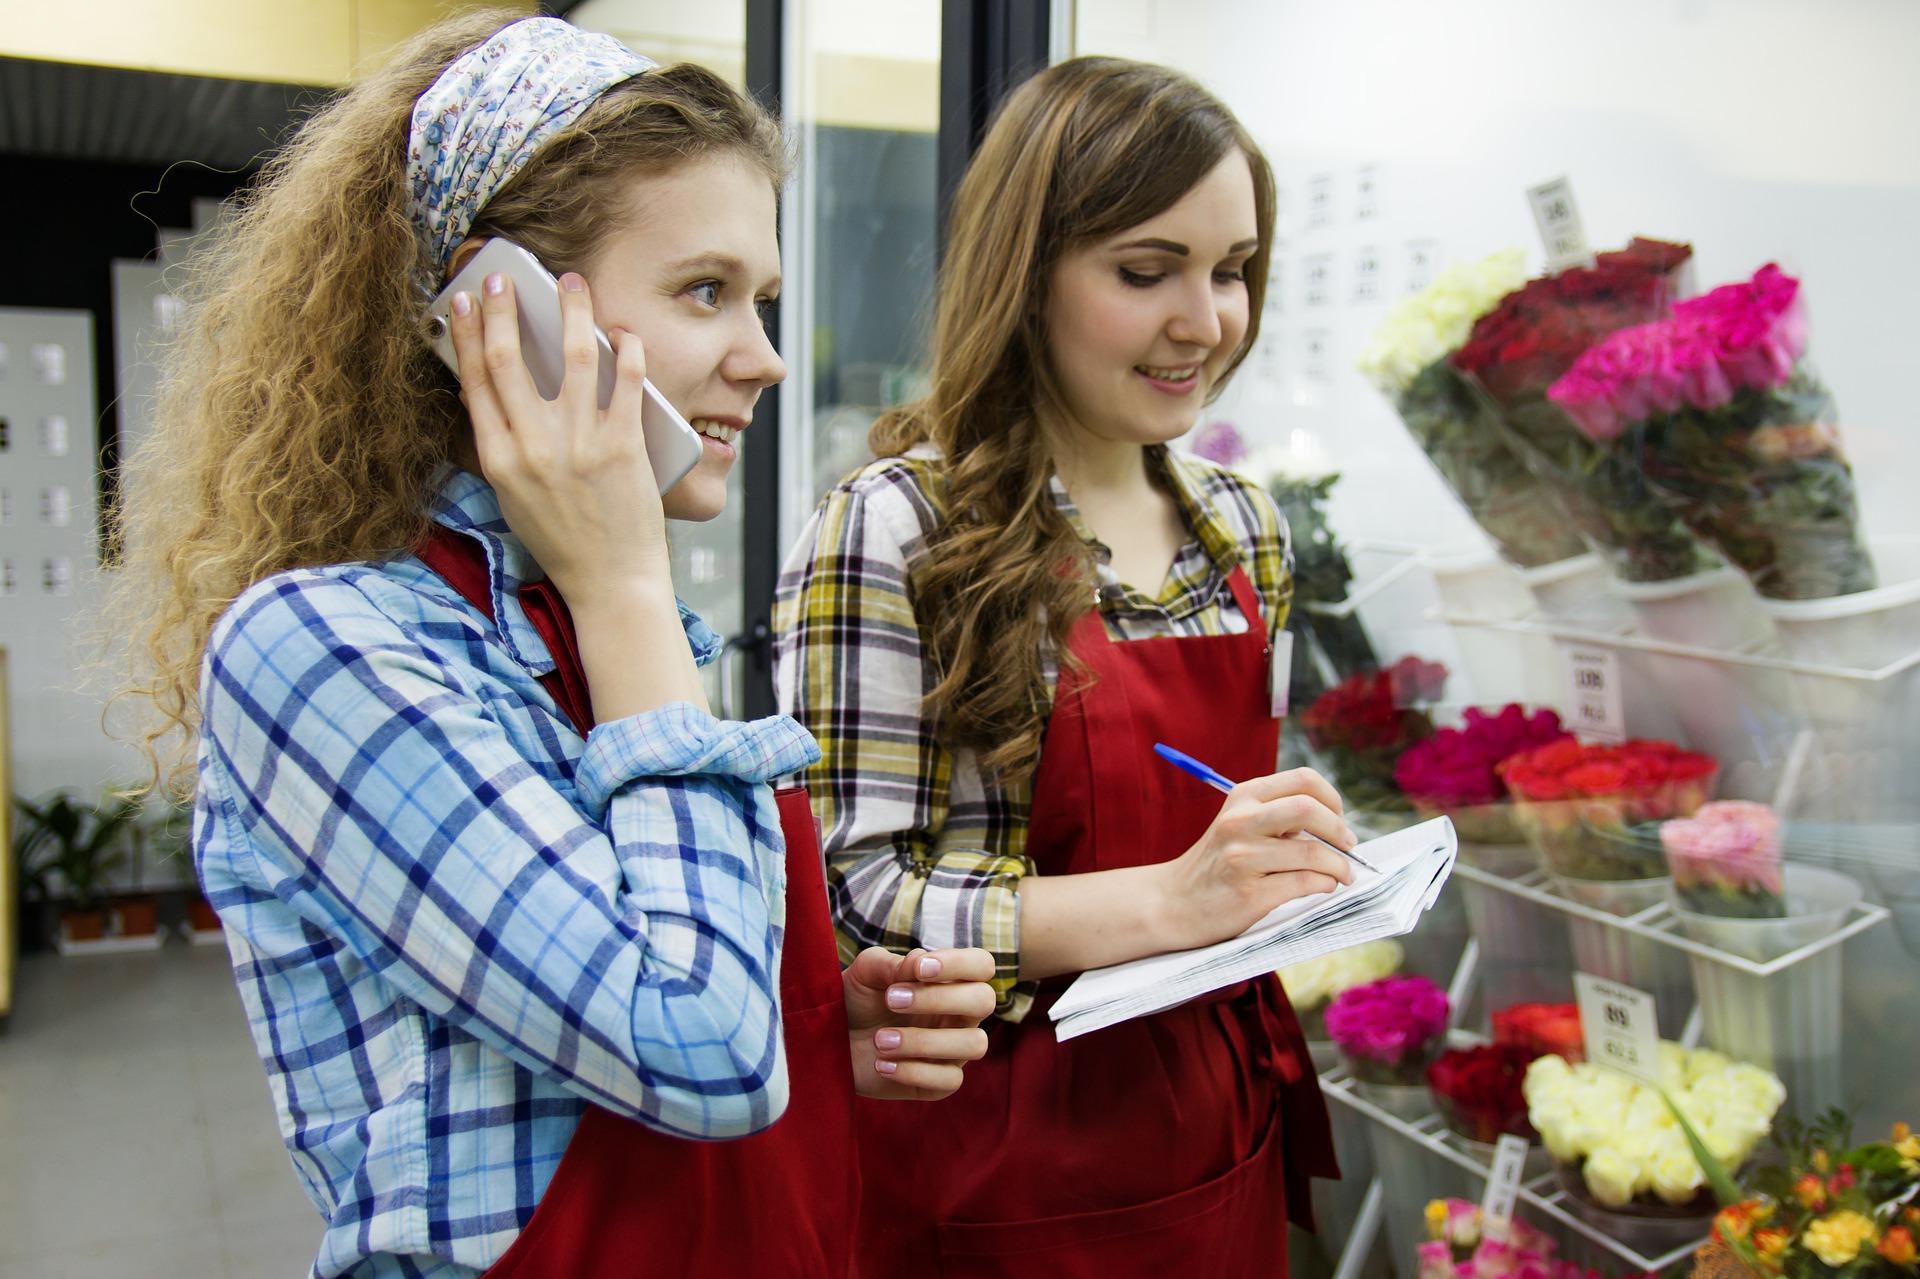 บริการลูกค้าร้านดอกไม้